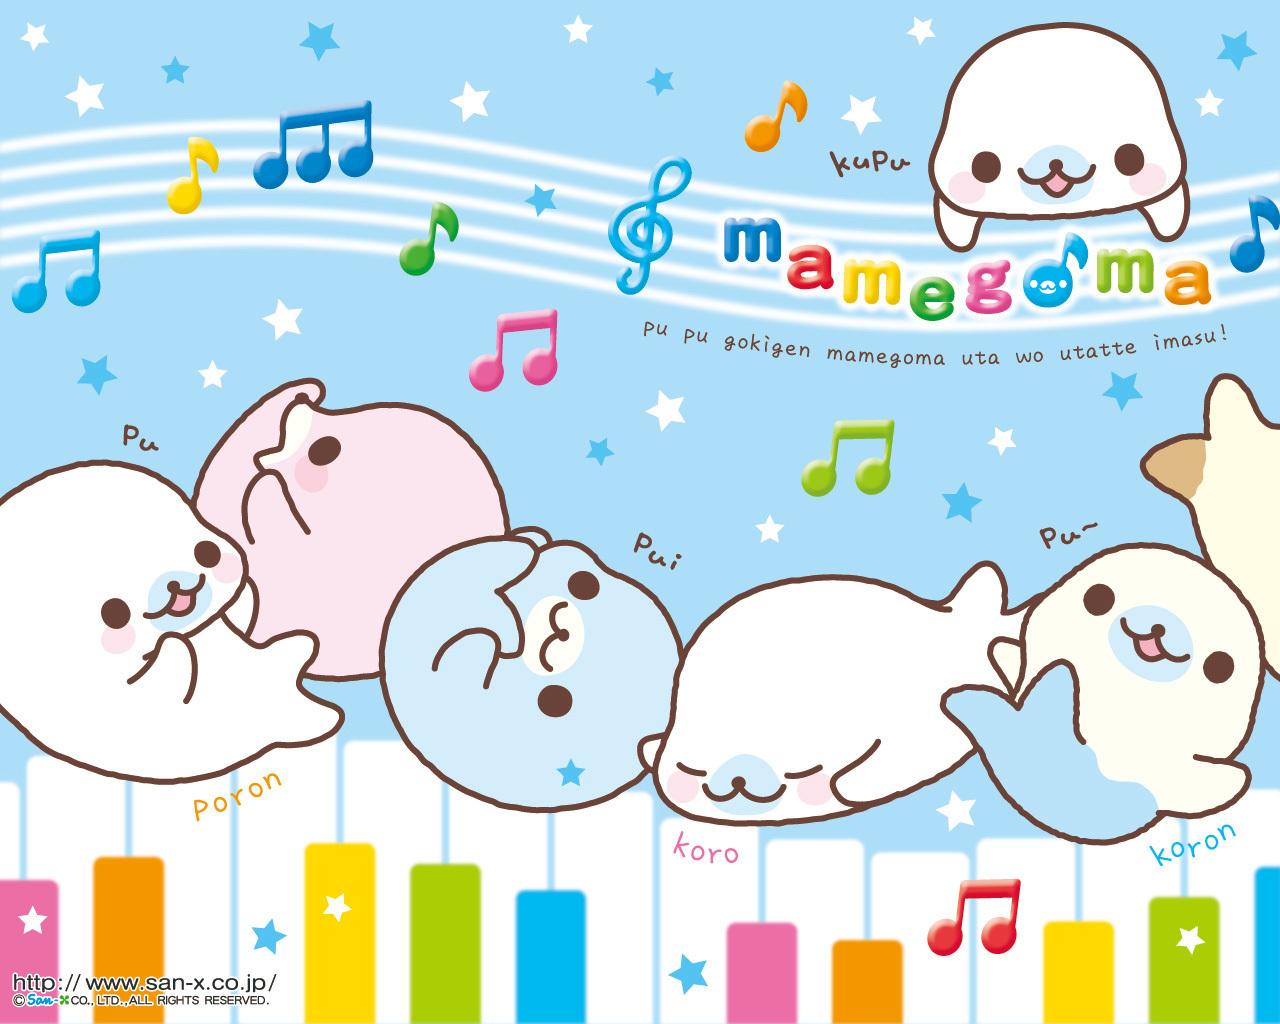 Mamegoma Musica wallpaper